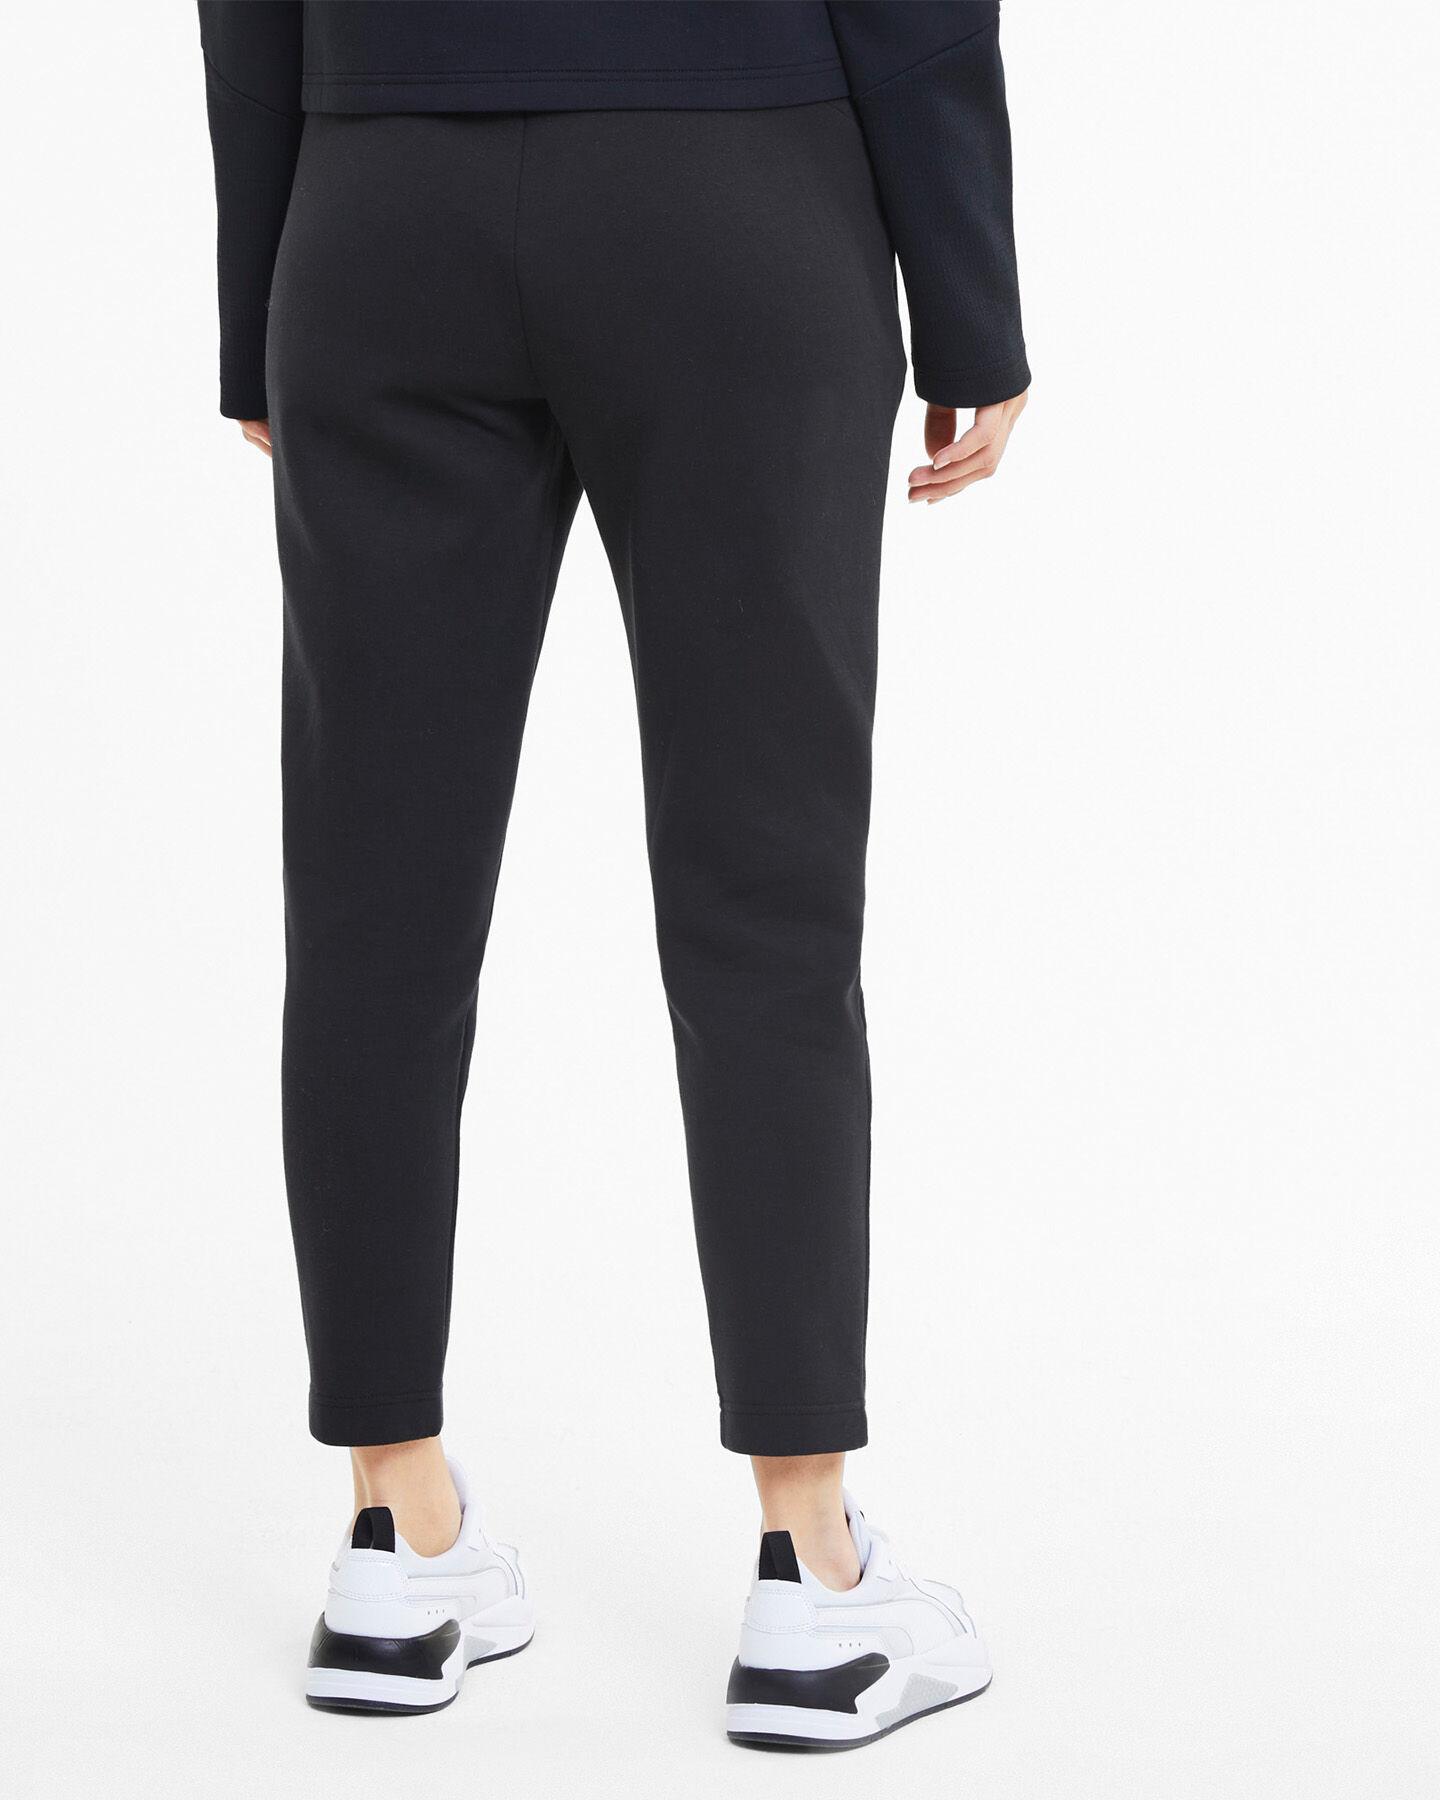 Pantalone PUMA DOUBLE W S5235217 scatto 3